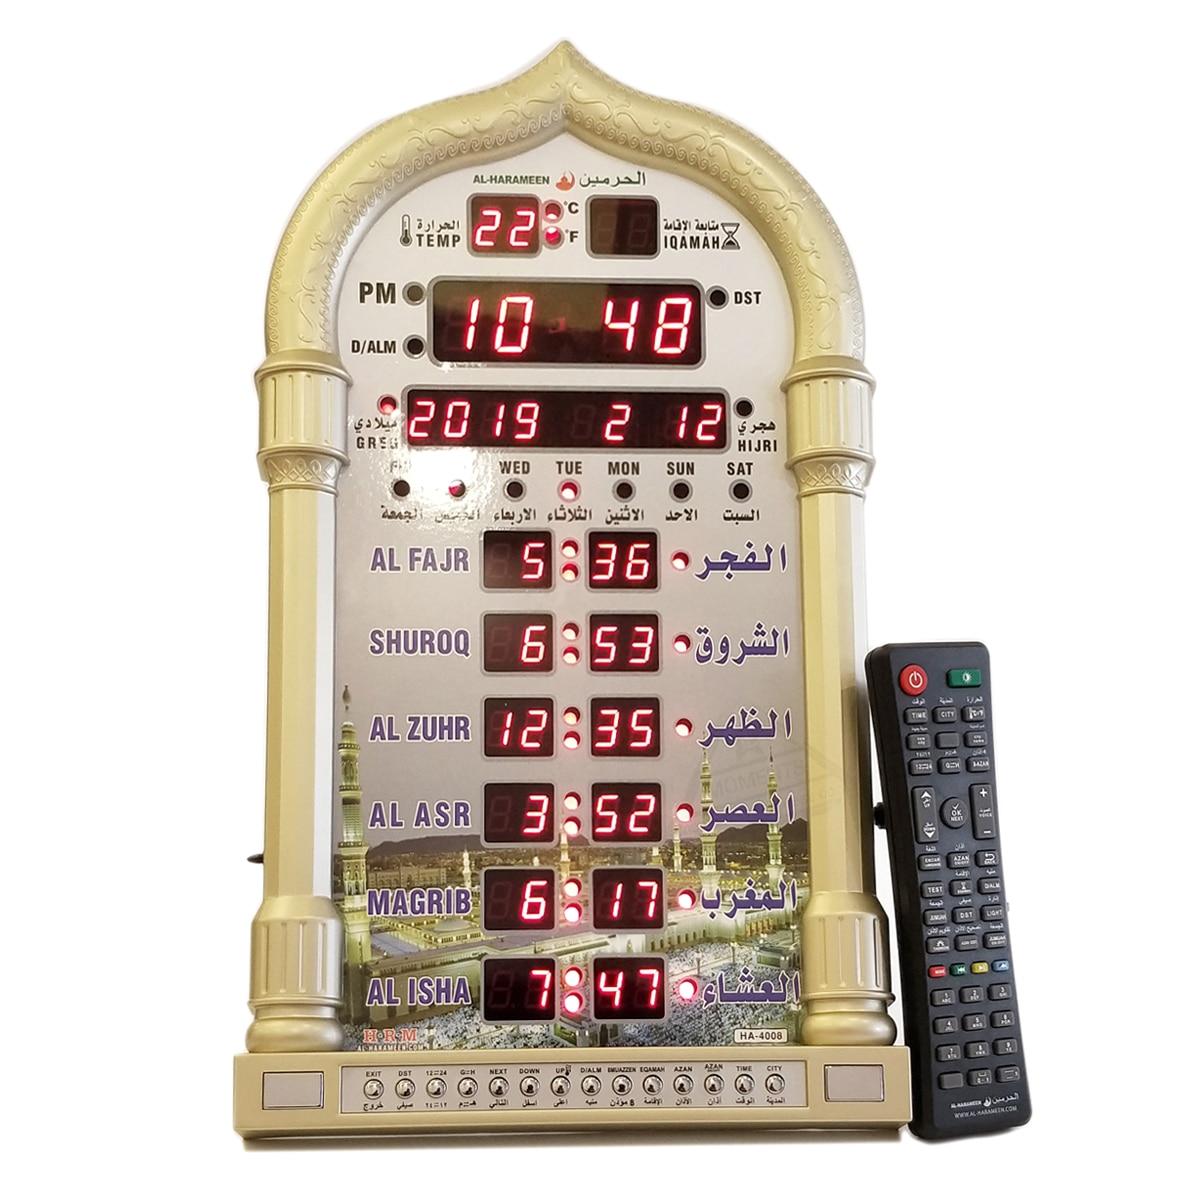 Horloge musulmane Adhan avec boussole qibof Hijri calendrier Temp rétro-éclairage alarme de prière Alafjr temps mosquée forme couleur or